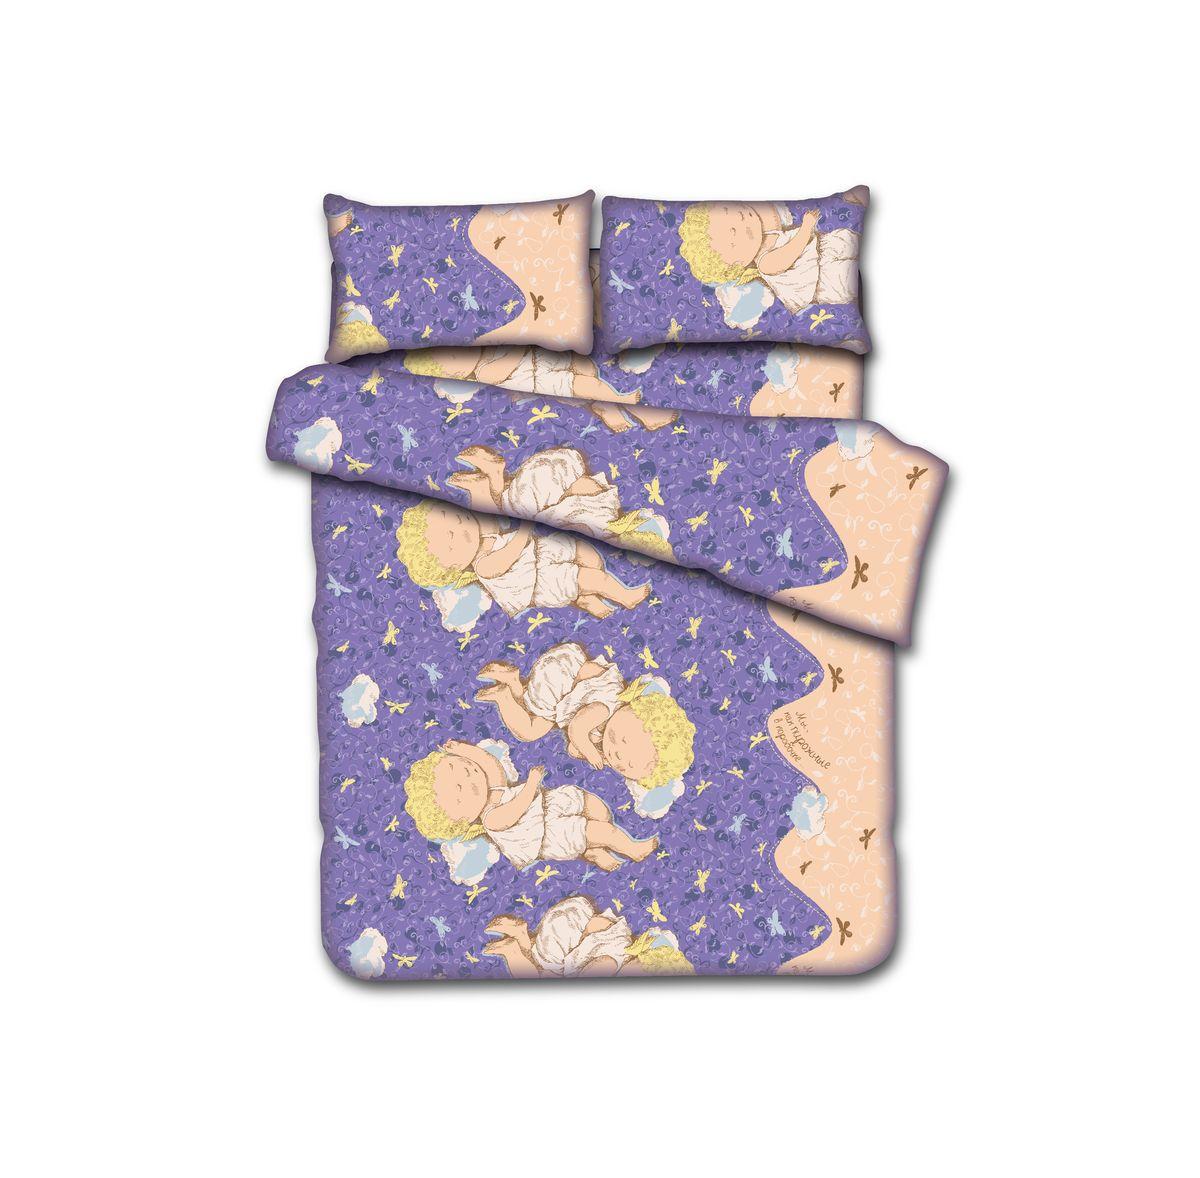 """Комплект белья Коллекция """"Gapchinska """"Мы, как пирожные в коробочке…"""", 1,5-спальный, наволочки 50x70, цвет: фиолетовый"""